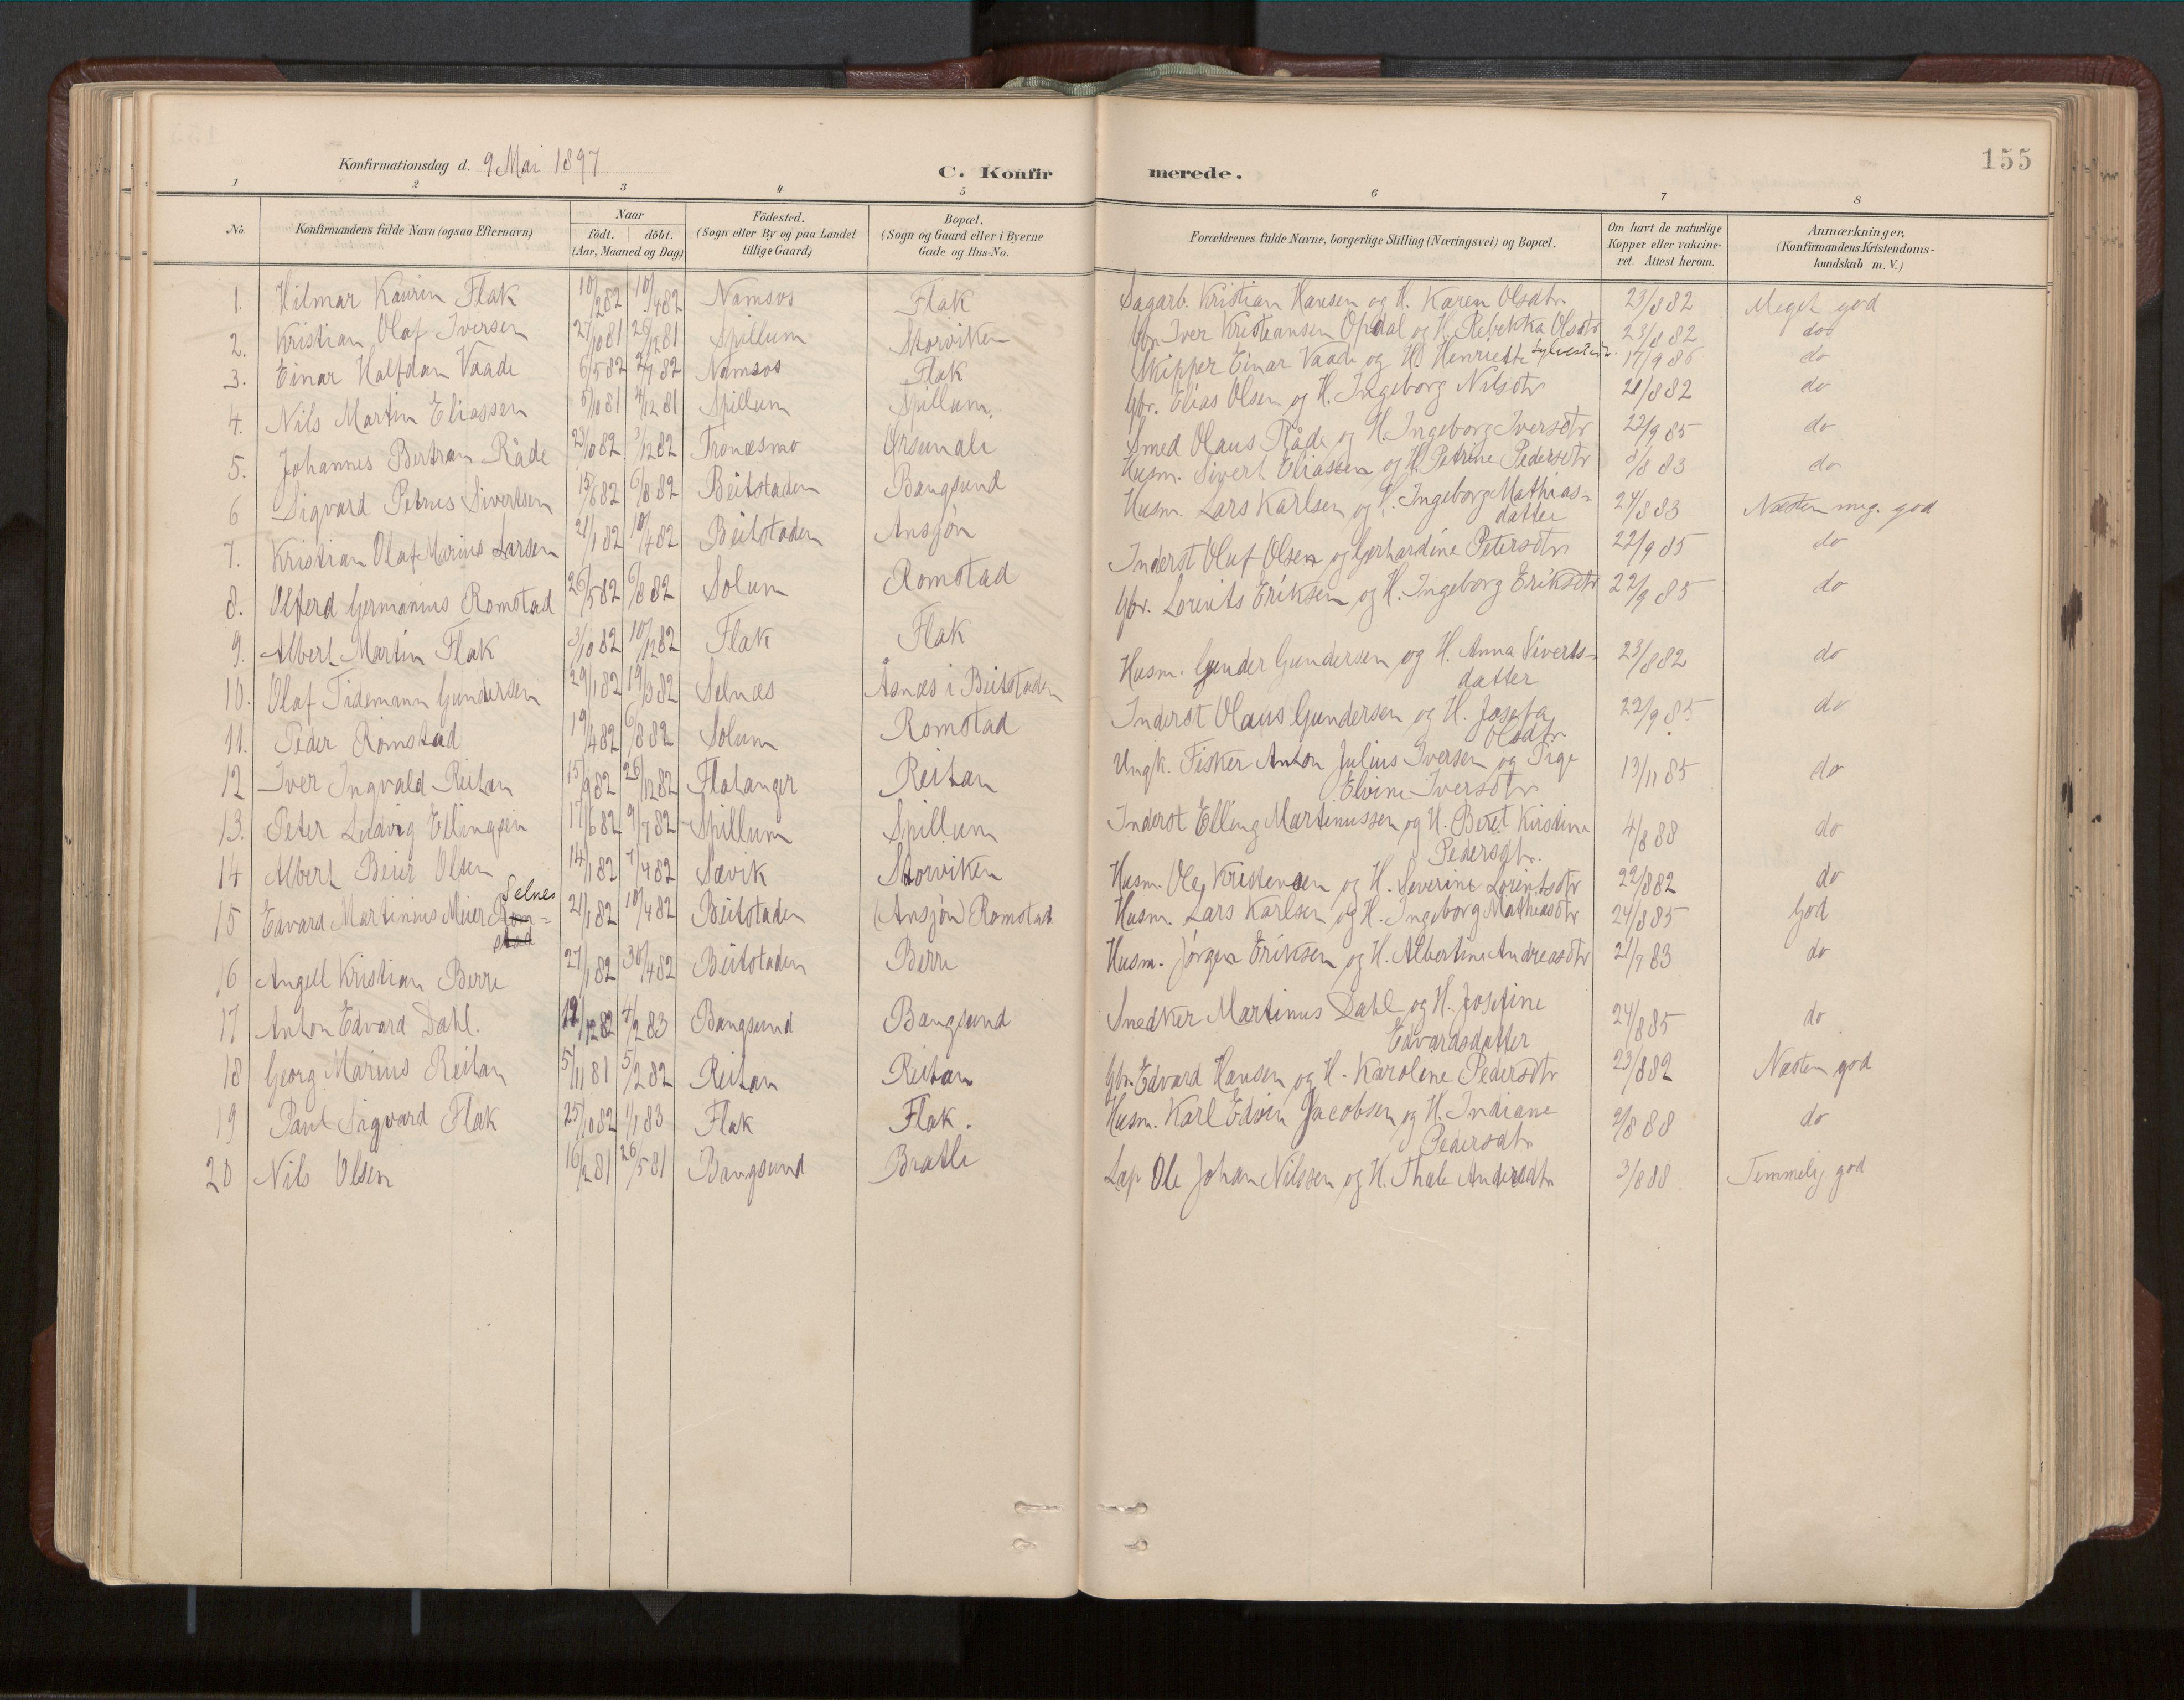 SAT, Ministerialprotokoller, klokkerbøker og fødselsregistre - Nord-Trøndelag, 770/L0589: Ministerialbok nr. 770A03, 1887-1929, s. 155